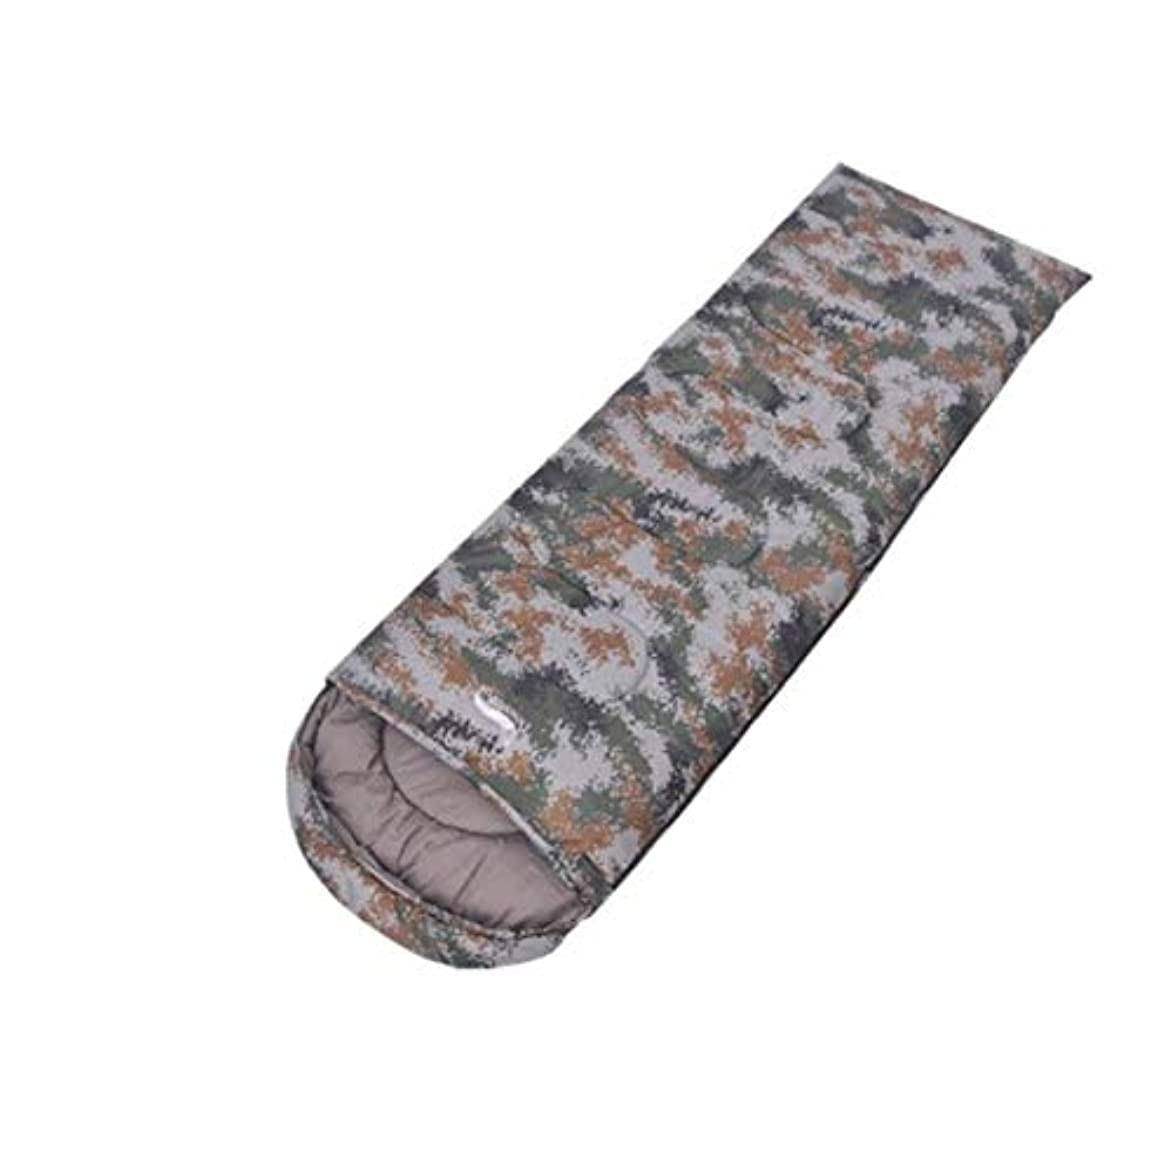 ほうきシエスタ是正するJOYS CLOTHING 春と秋の屋外の超軽量迷彩寝袋大人の封筒キャンプ寝袋中空綿キャンプ寝袋 (Color : Digital camouflage)